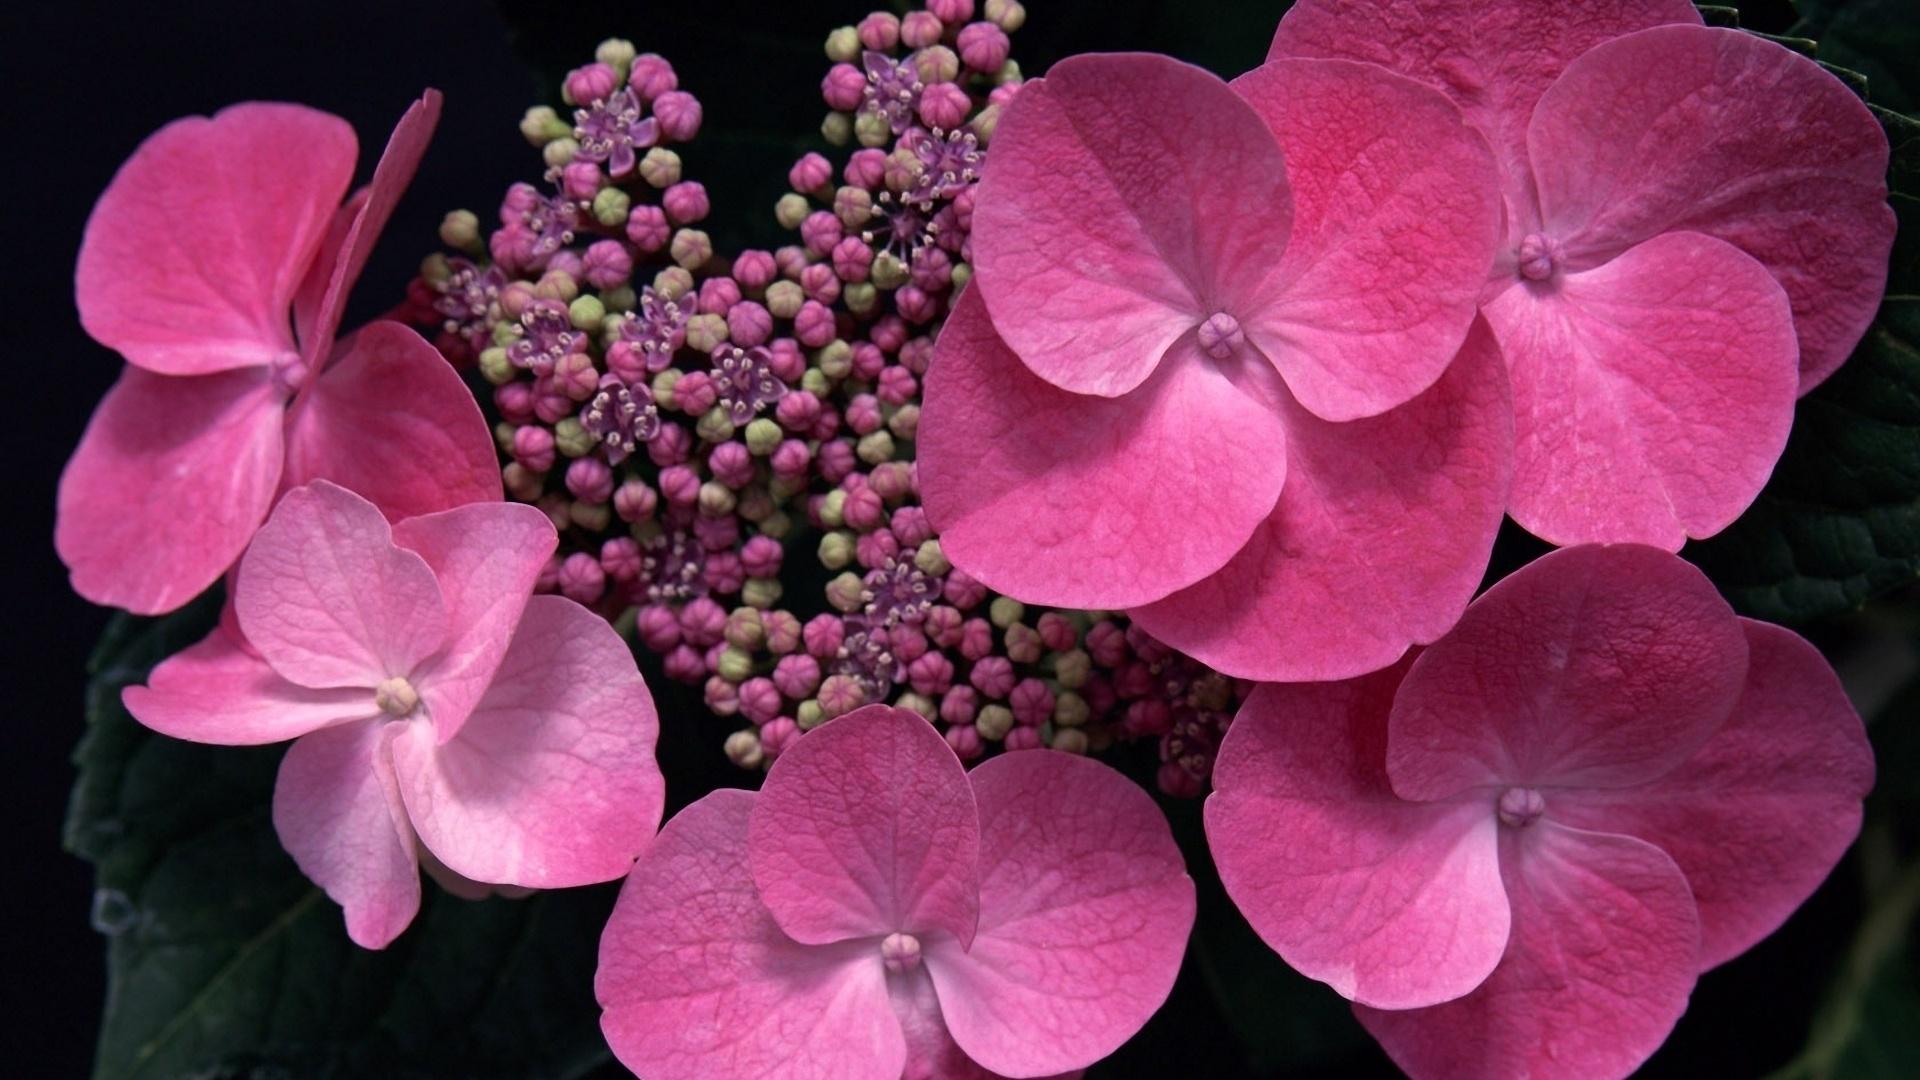 картинки с розовыми цветами того